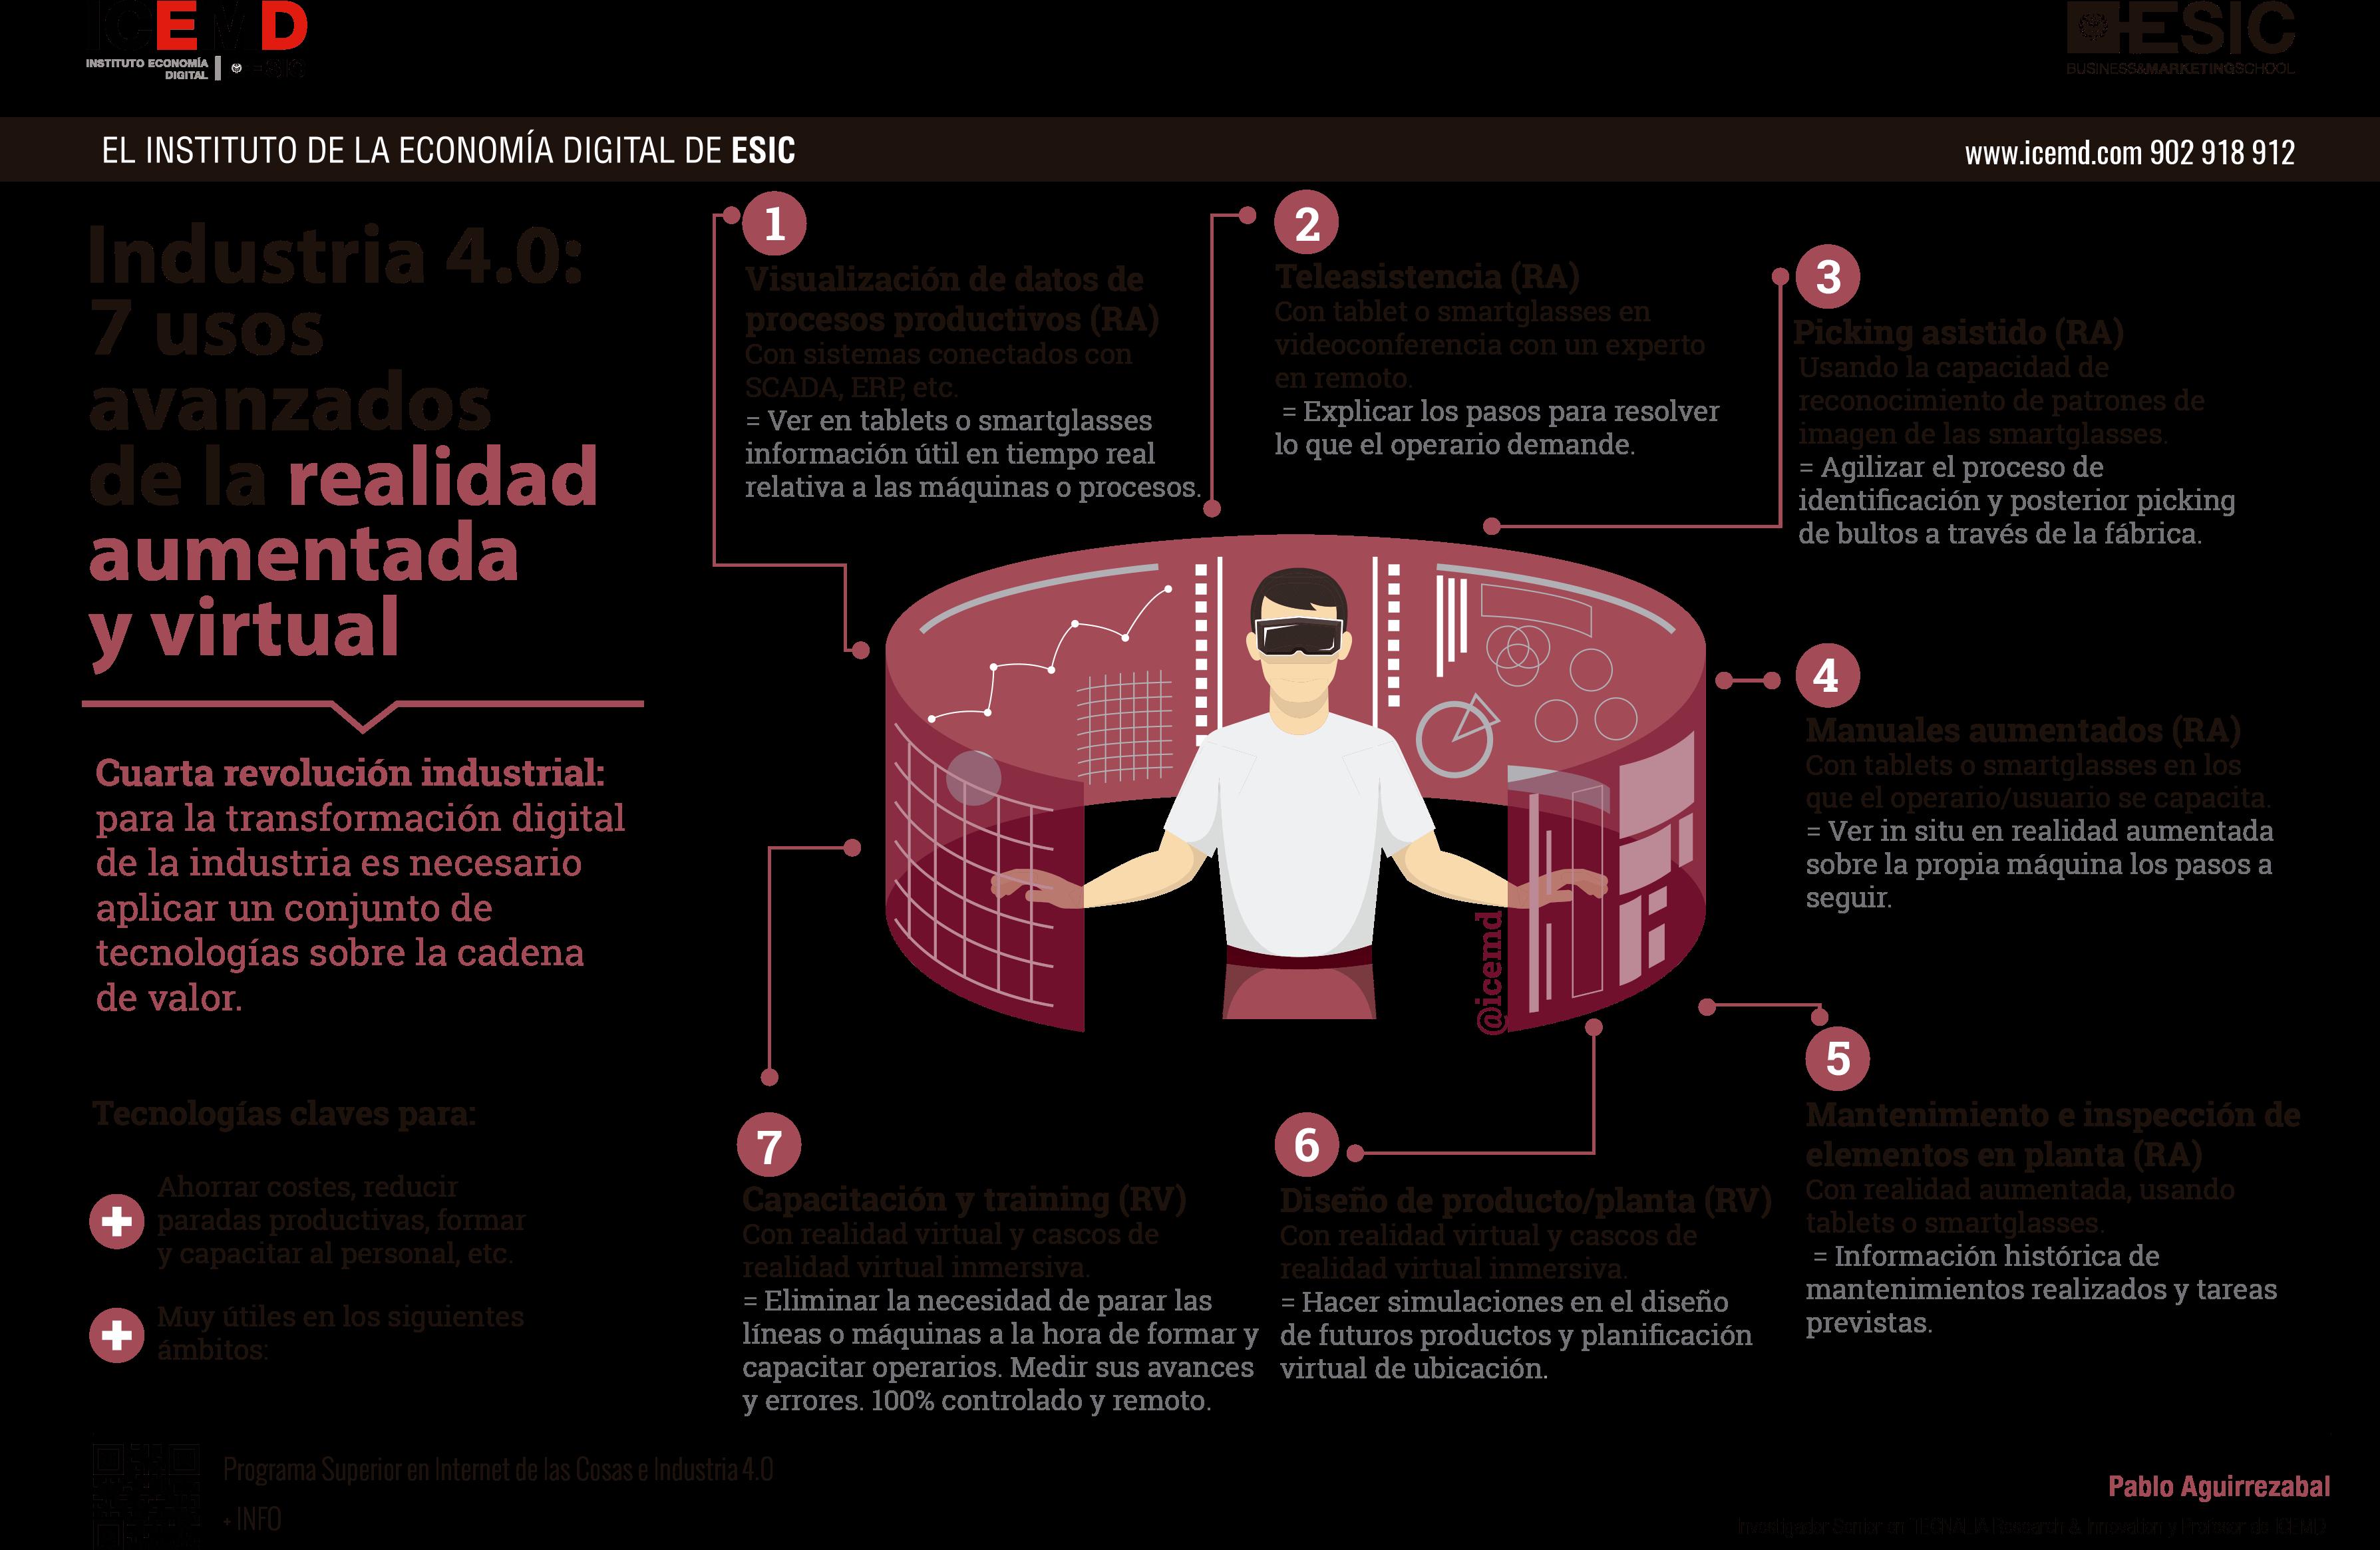 Industria 4.0: 7 usos avanzados de la realidad aumentada y virtual